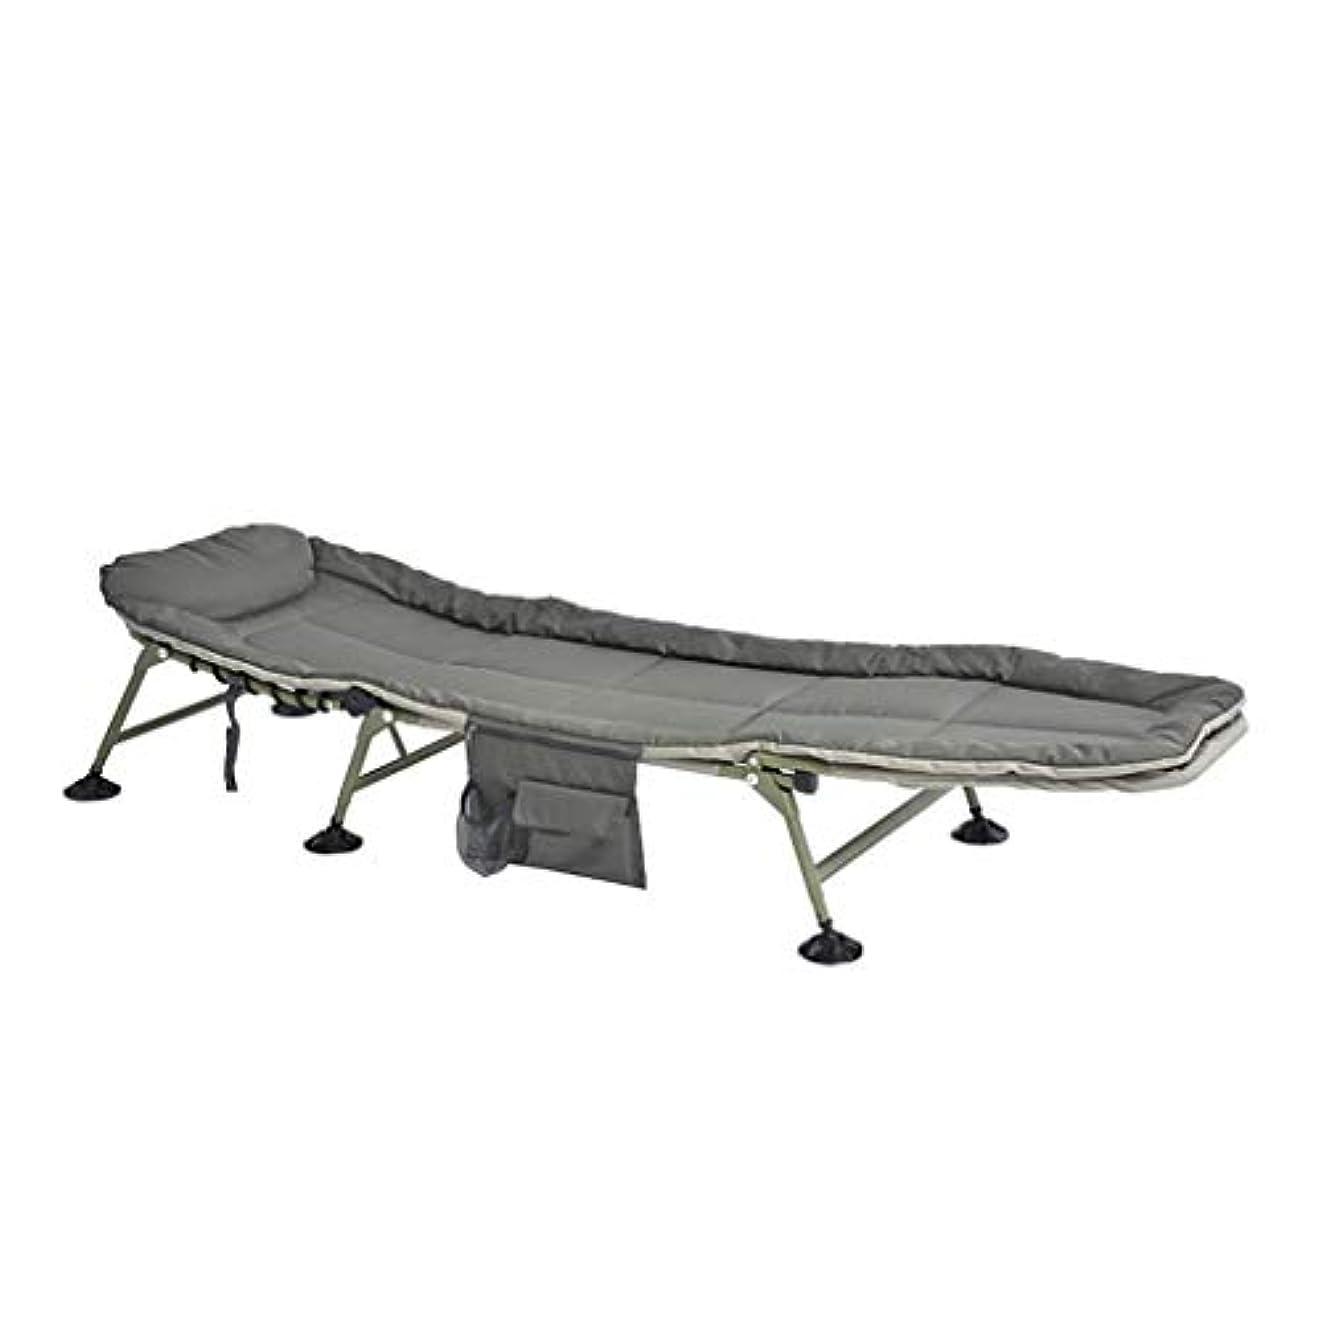 くつろぎ繊細に対して折りたたみ式ベッド、家のための軽量のラウンジチェア - オフィスの仮眠ベッド - 屋外旅行のための折り畳み式ベッド